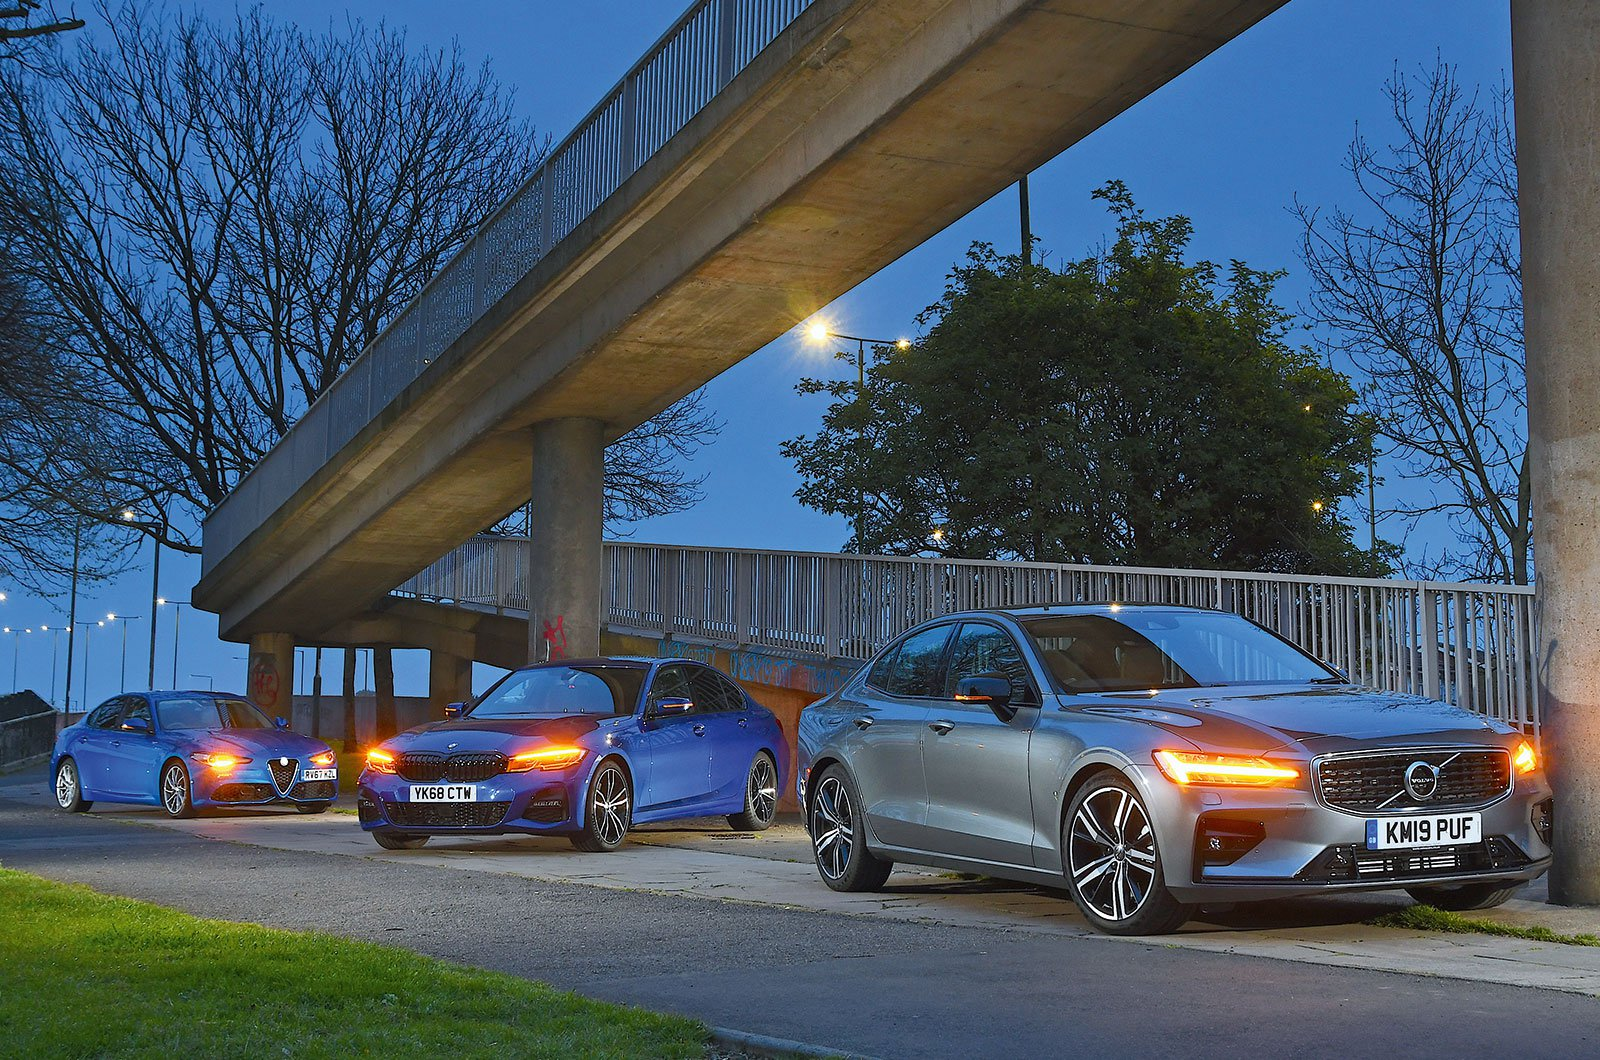 Volvo V60, BMW 3 Series, Alfa Romeo Giulia